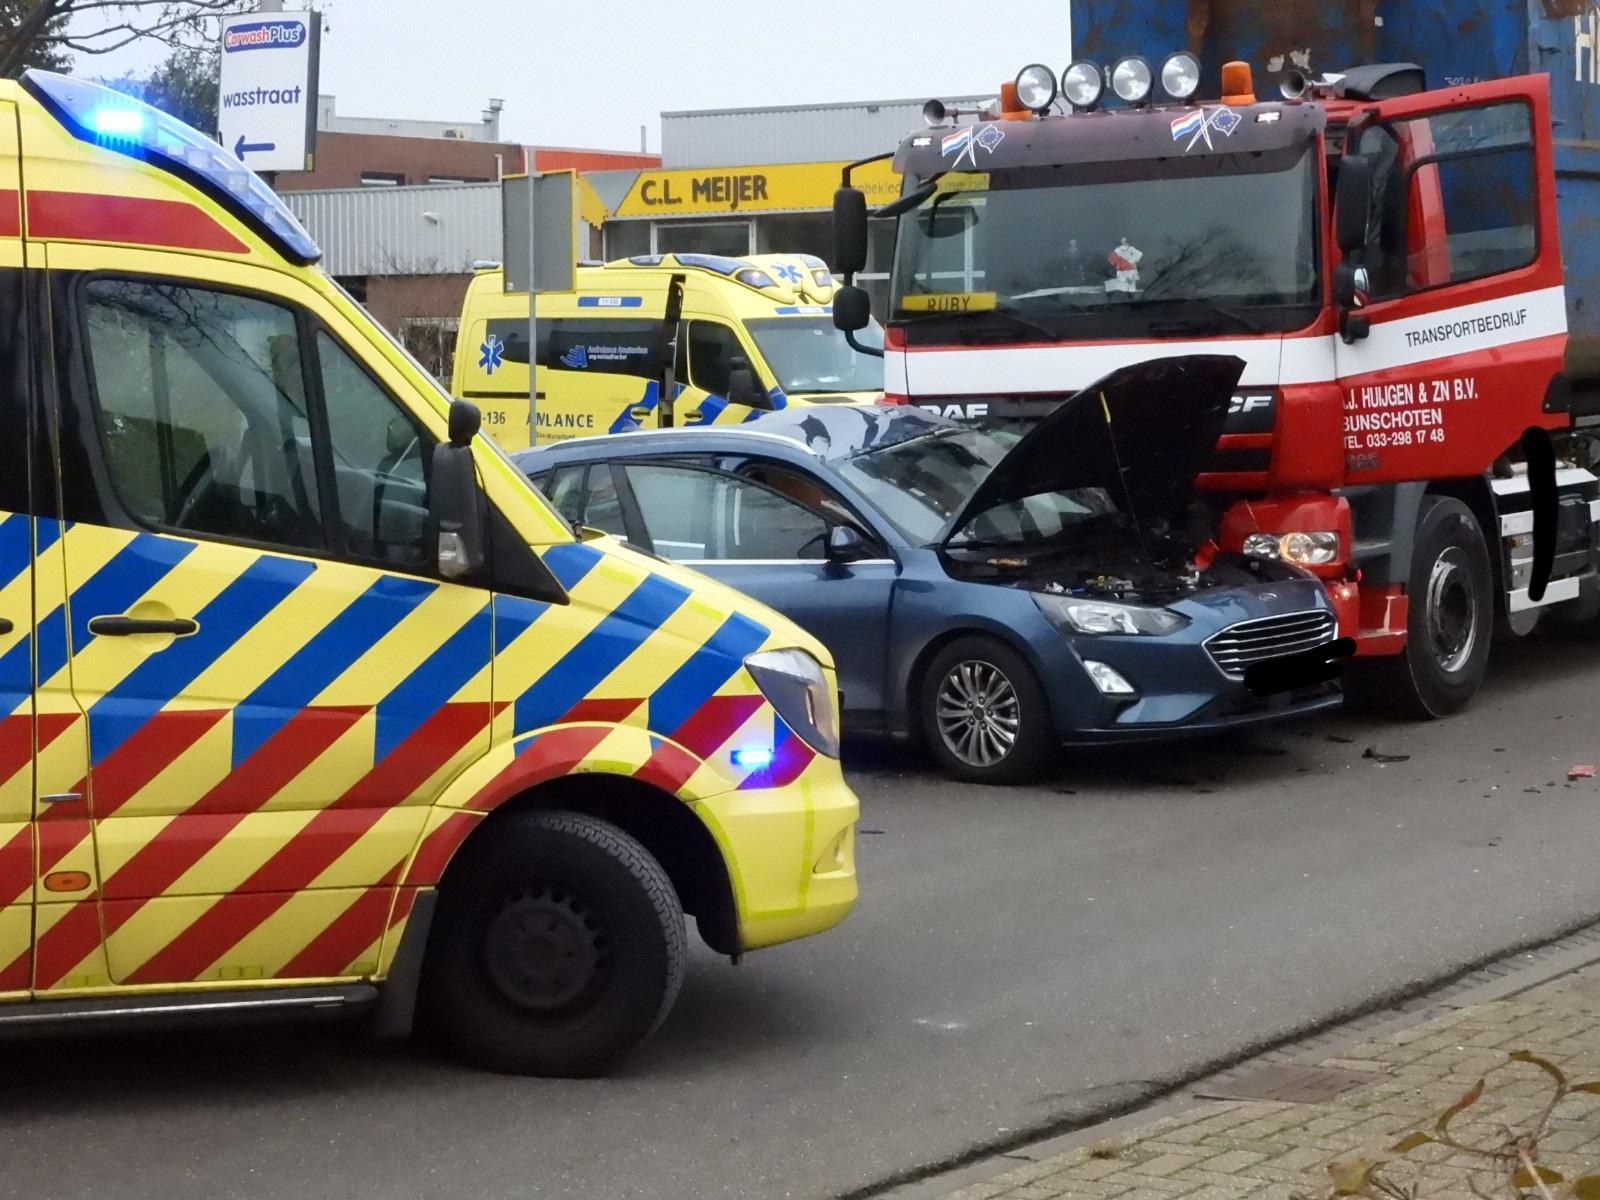 Vrachtwagen botst op personenauto in Purmerend, gezin met kind gewond